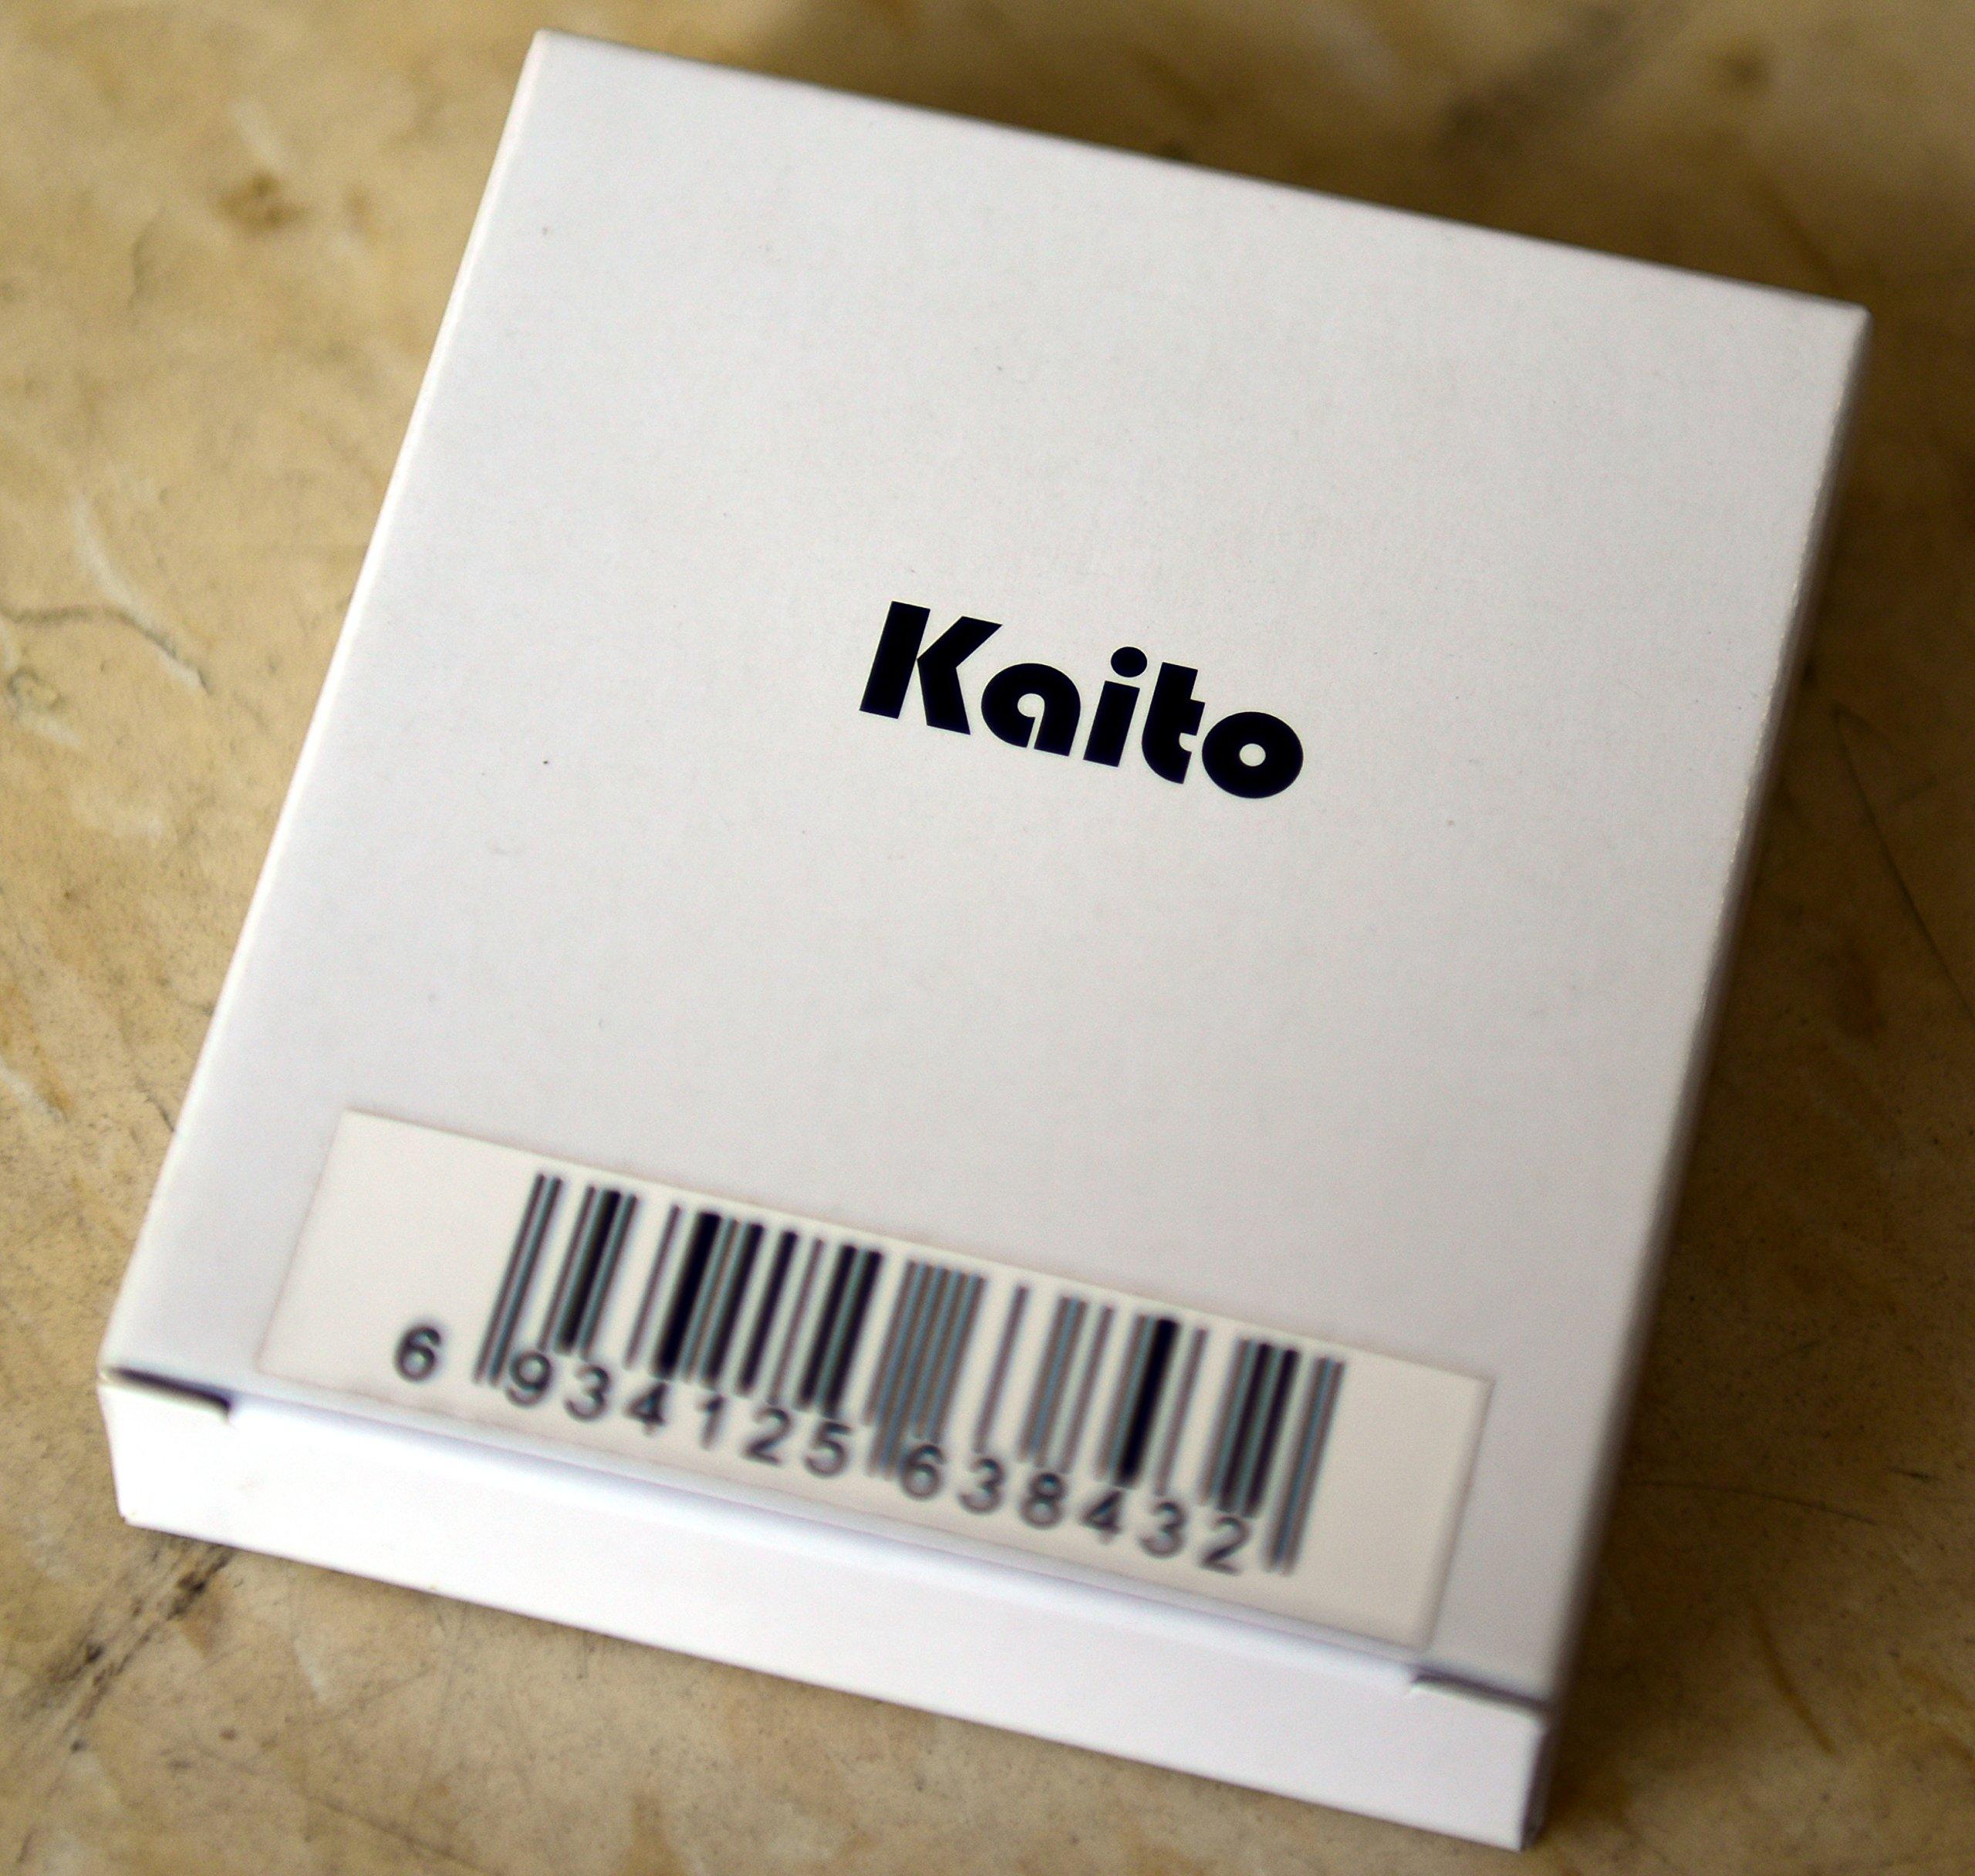 Kaito T-1 Radio antenna by Kaito